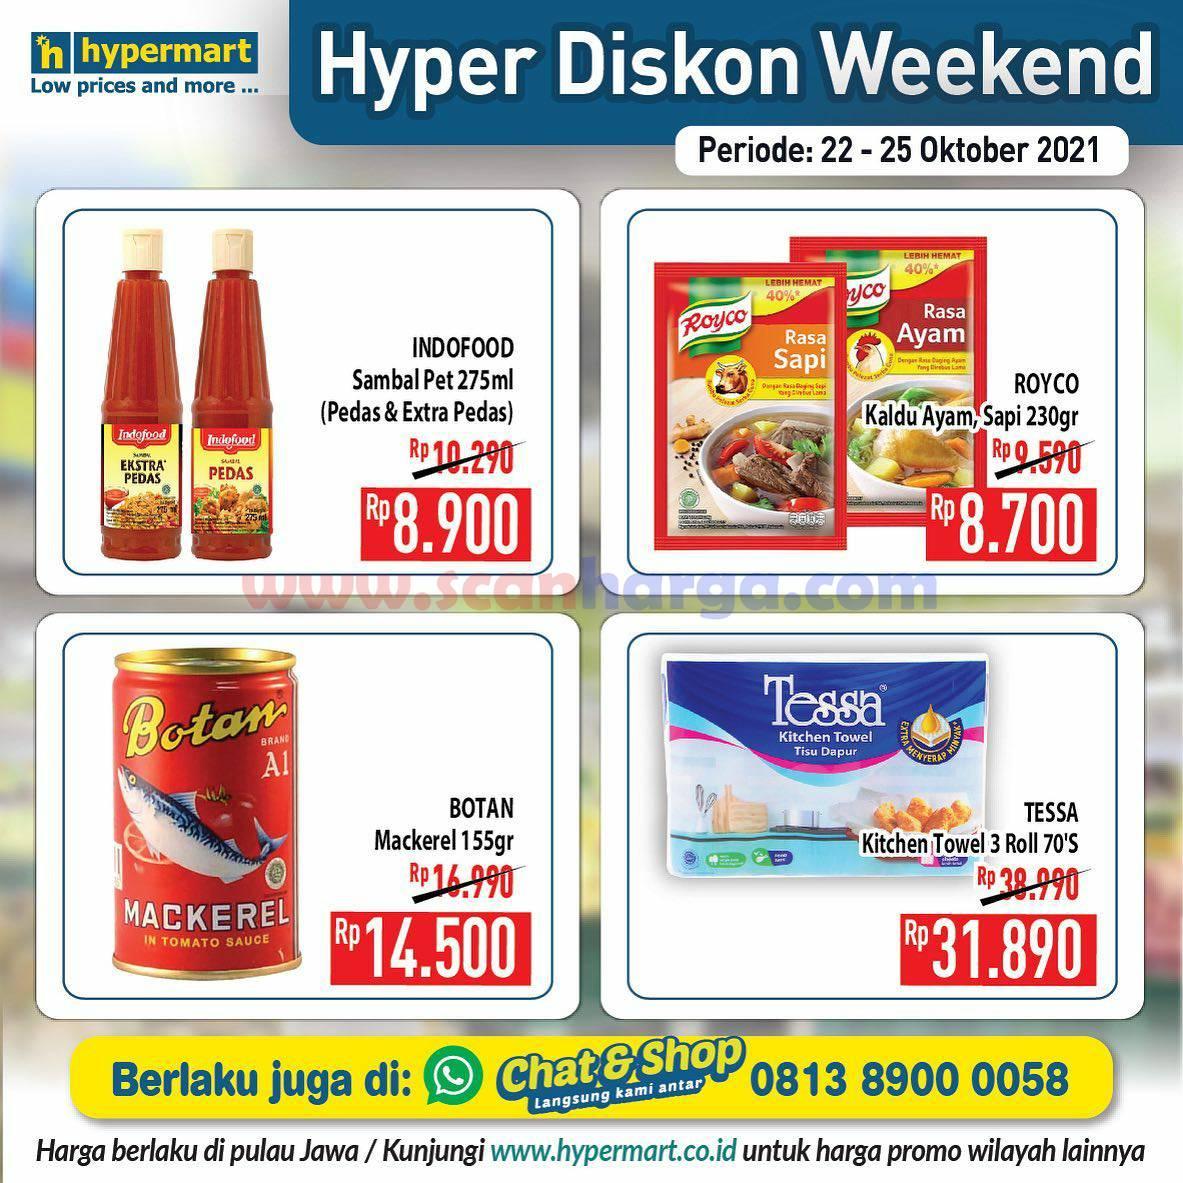 Promo Hypermart Weekend Terbaru 22 - 25 Oktober 2021 7